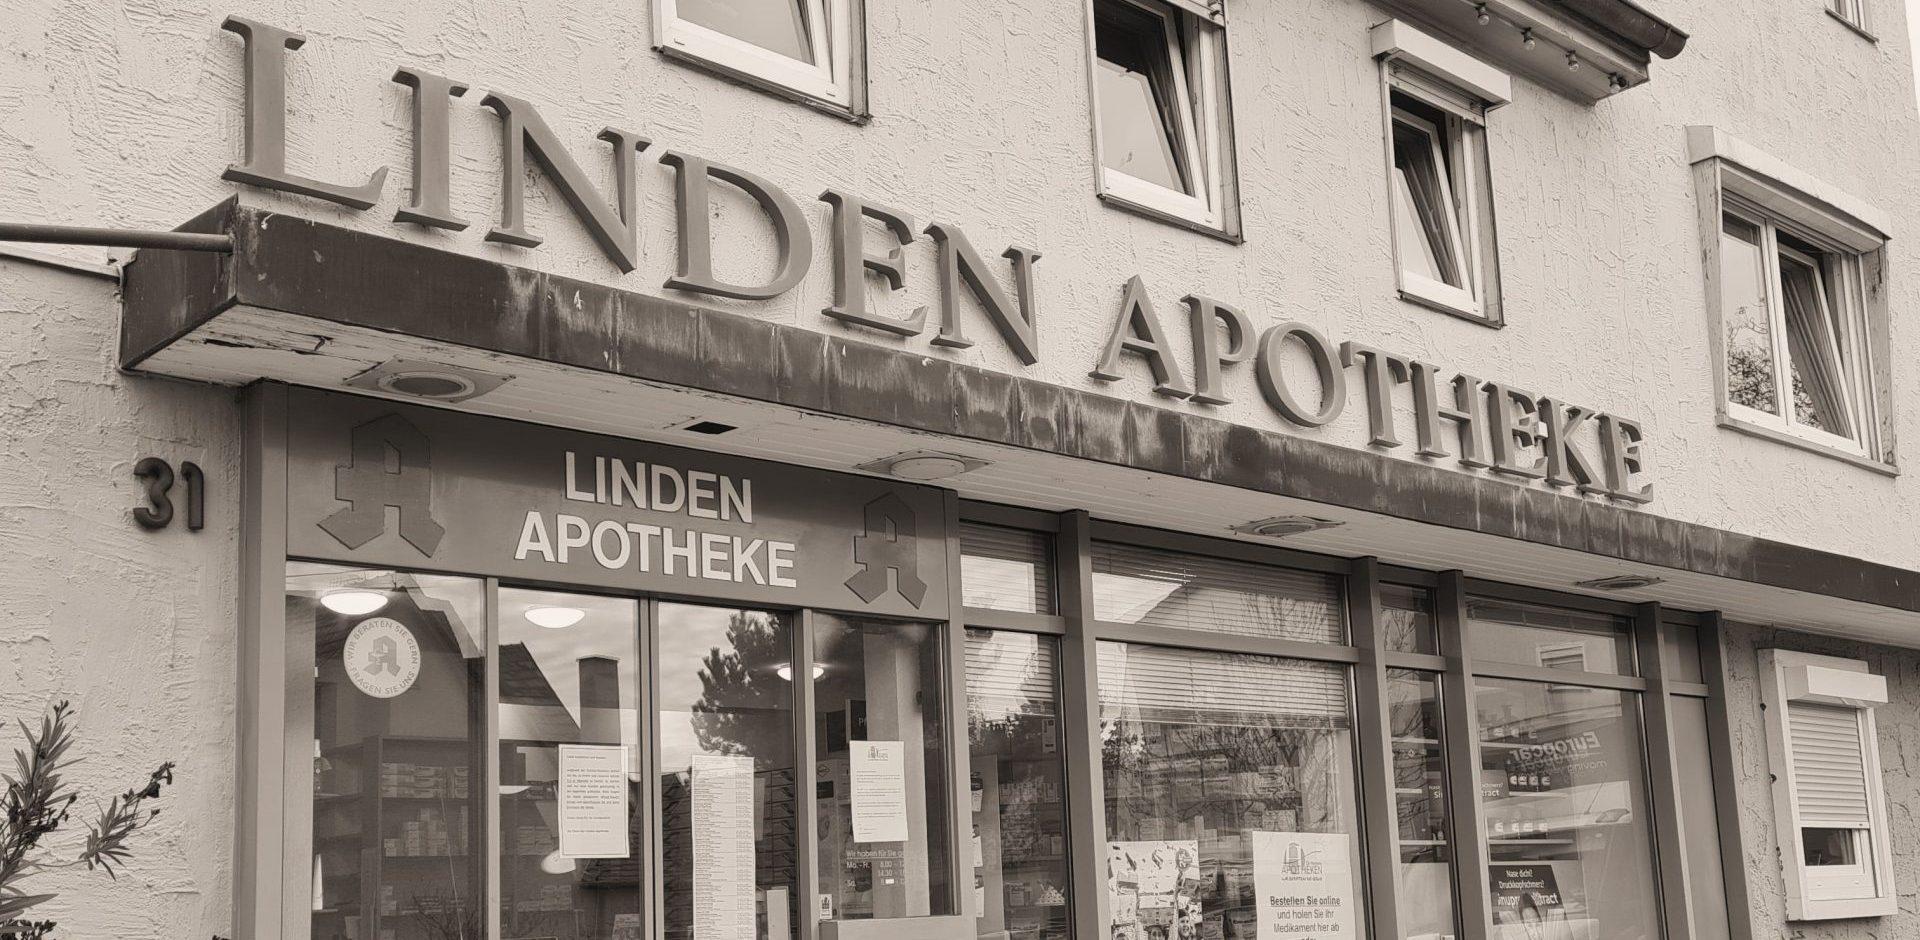 Linden-Apotheke Wannweil